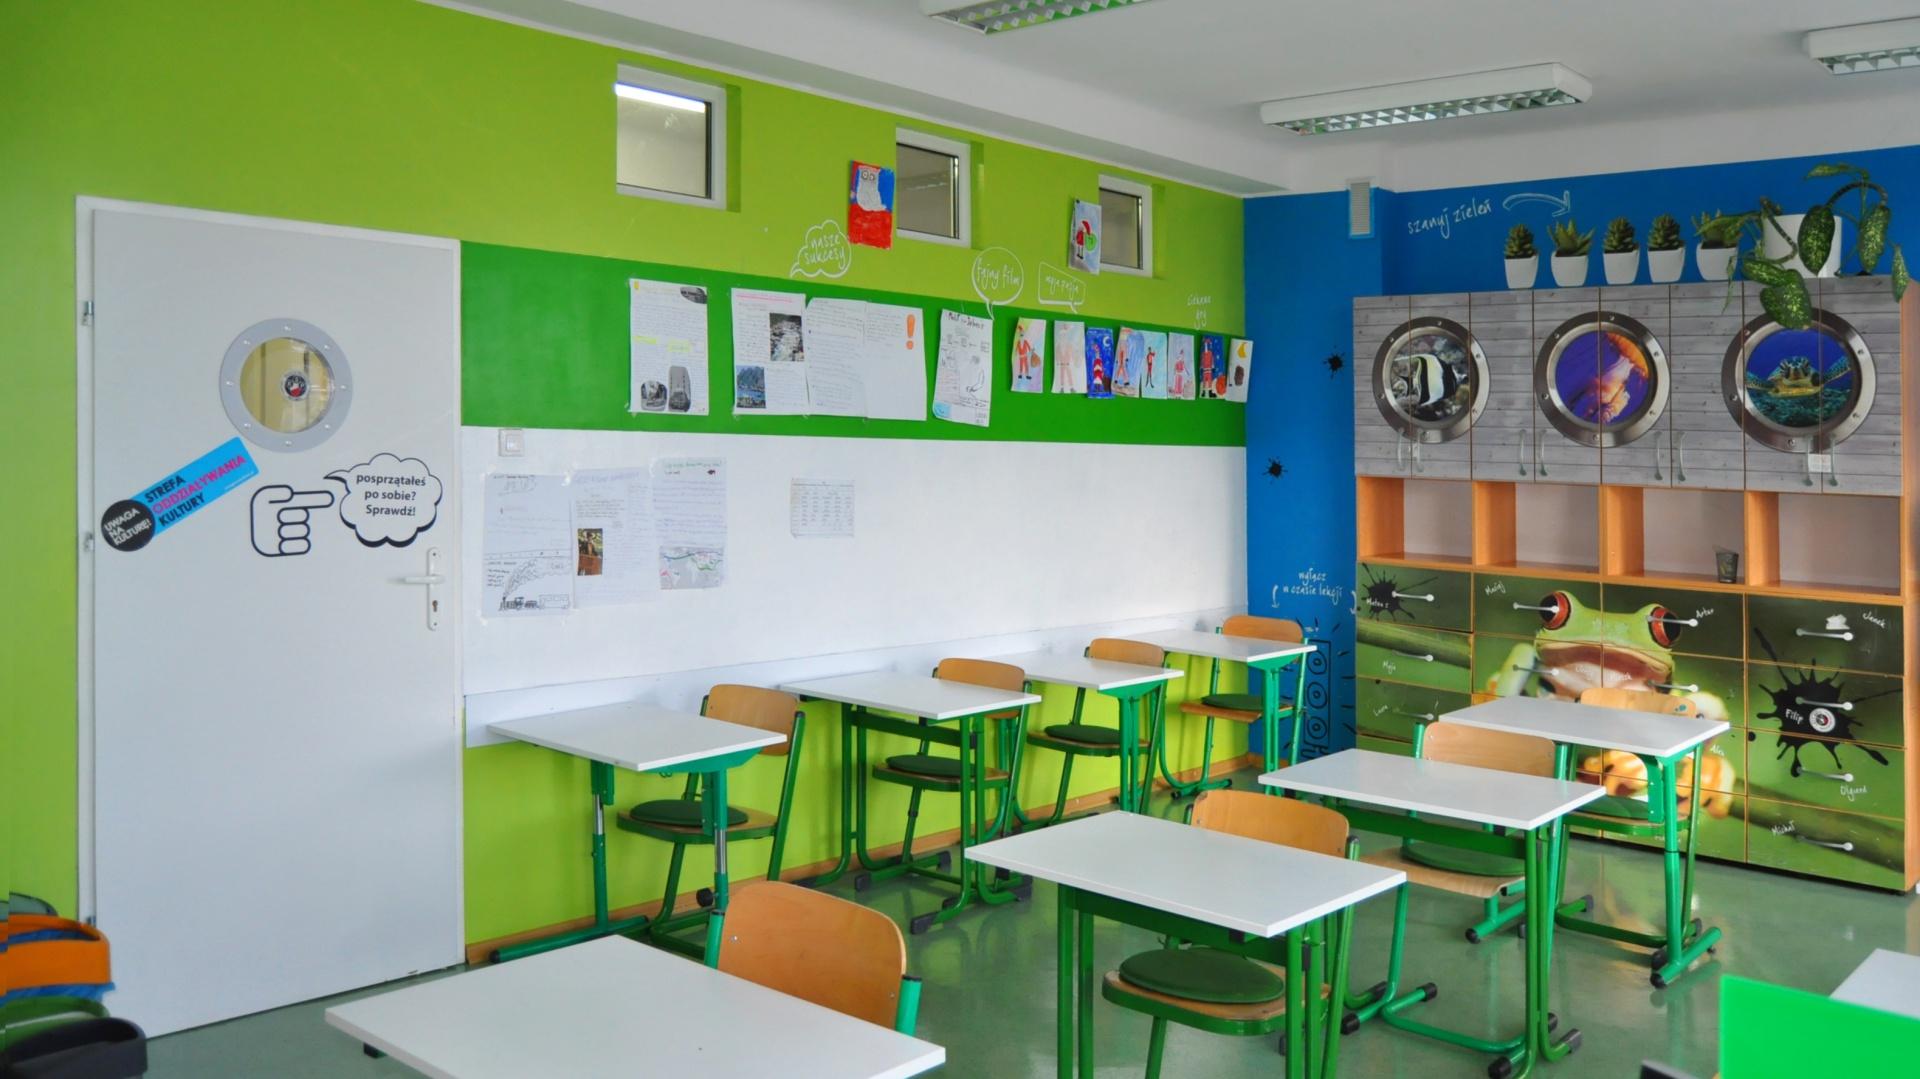 Efektywność nauki podczas lekcji w dużej mierze zależy od jakości czasu spędzonego w trakcie przerwy. Znane z przestrzeni biurowych strefy relaksu, spotkań kreatywnych i aktywnego odpoczynku to przemyślane rozwiązania, których nie powinno zabraknąć również w szkołach. Z pomocą przychodzi wiele gotowych rozwiązań: farba magnetyczna, farba suchościeralna, którą można pokryć zarówno ściany, jak i ławki, przyciemniane szyby, w miejscach, gdzie zbyt silne promienie słoneczne mogą przeszkadzać w pracy. Fot. Grupa Advertis